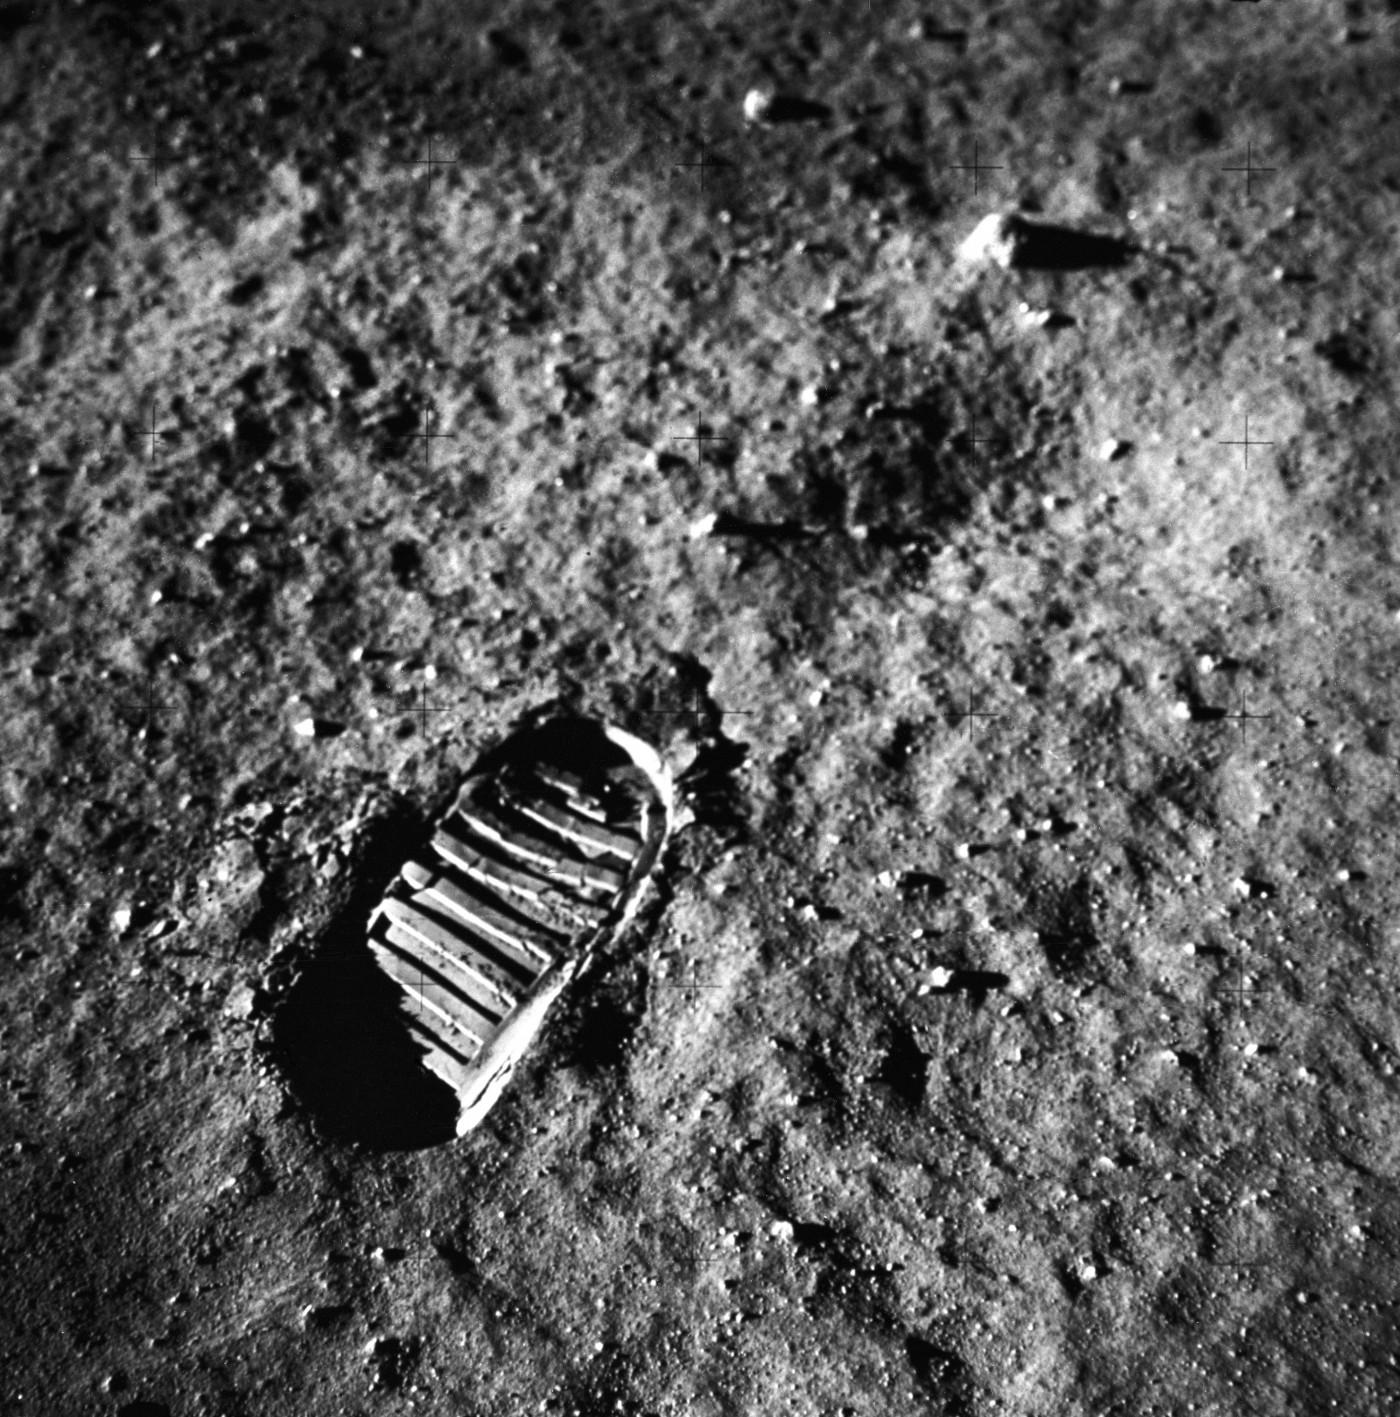 Vista ravvicinata dell'impronta di un astronauta nel suolo lunare, fotografata da una telecamera a superficie lunare da 70 mm durante l'attività extraveicolare della superficie lunare dell'Apollo 11. Immagine Nasa/MSFC, 20 luglio 1969